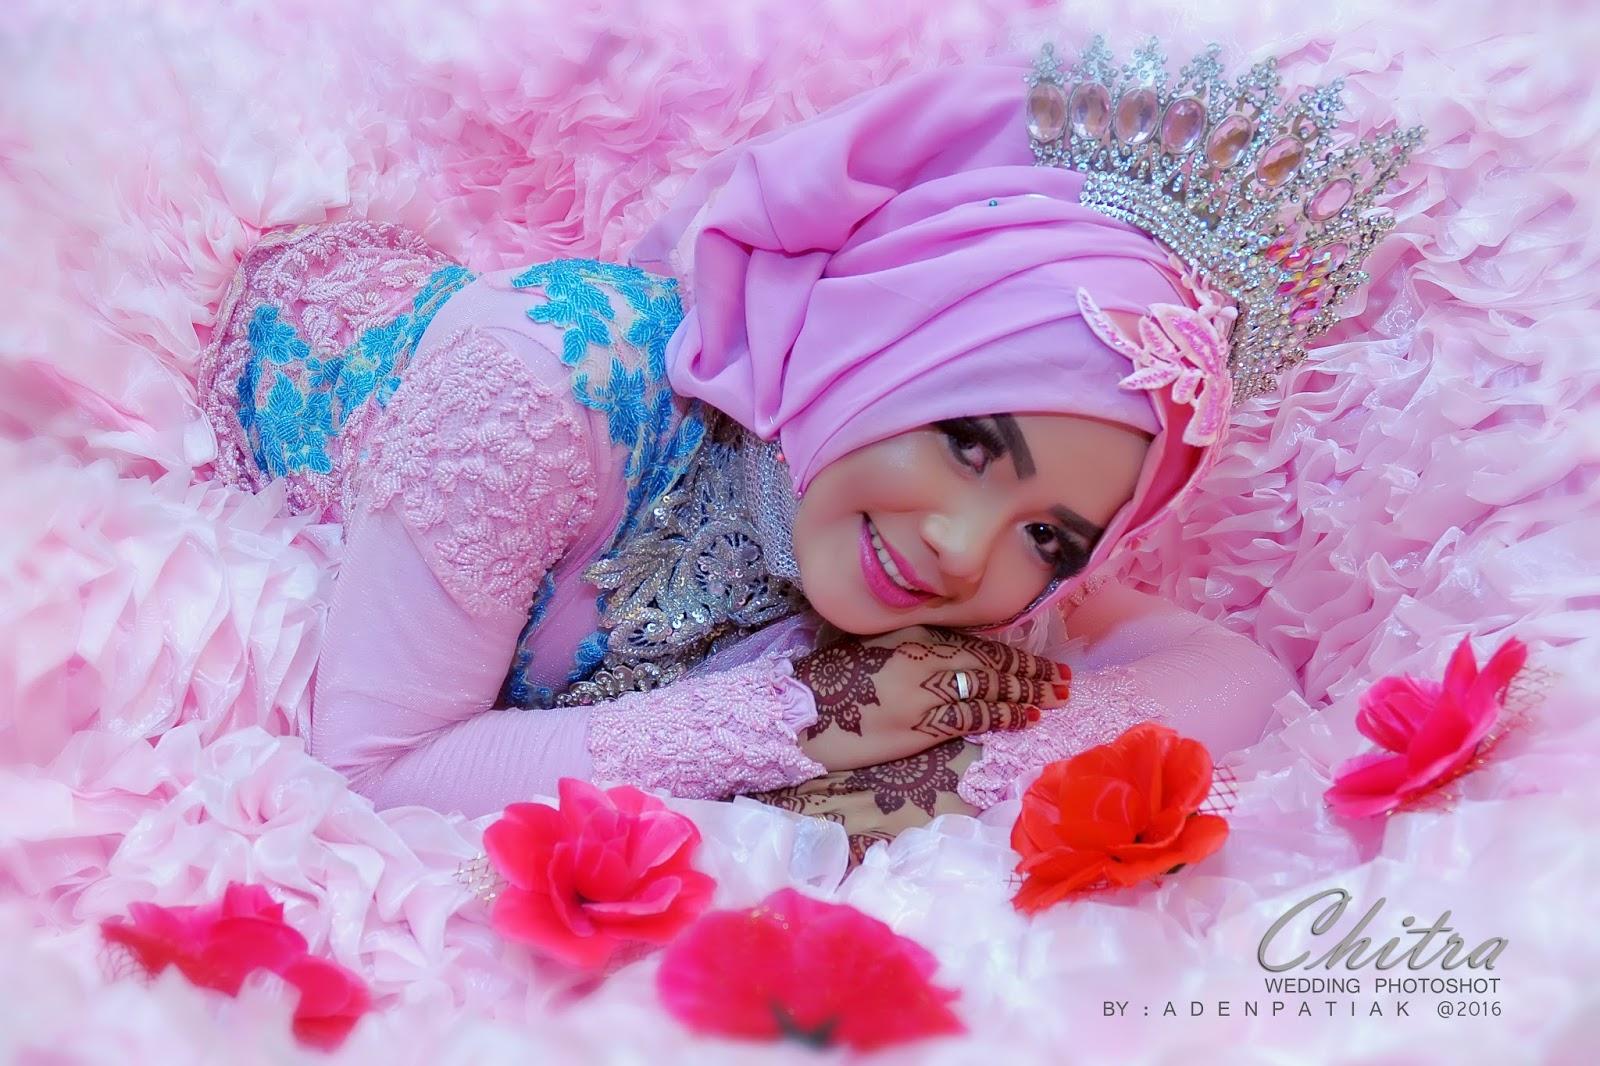 Adenpatiak Photography